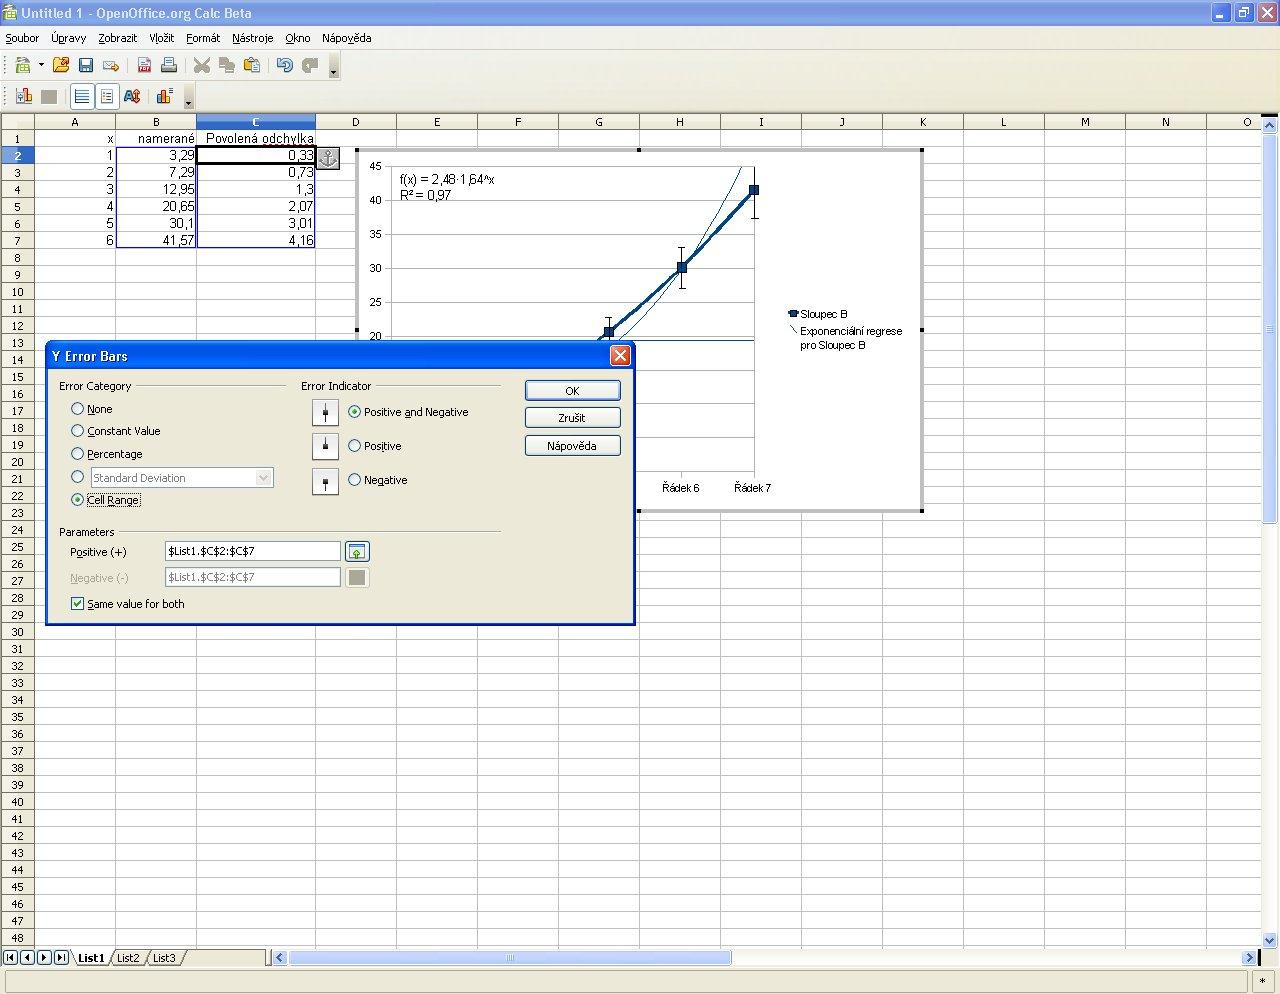 Regresné funkcie a rozdielové hodnoty v grafe